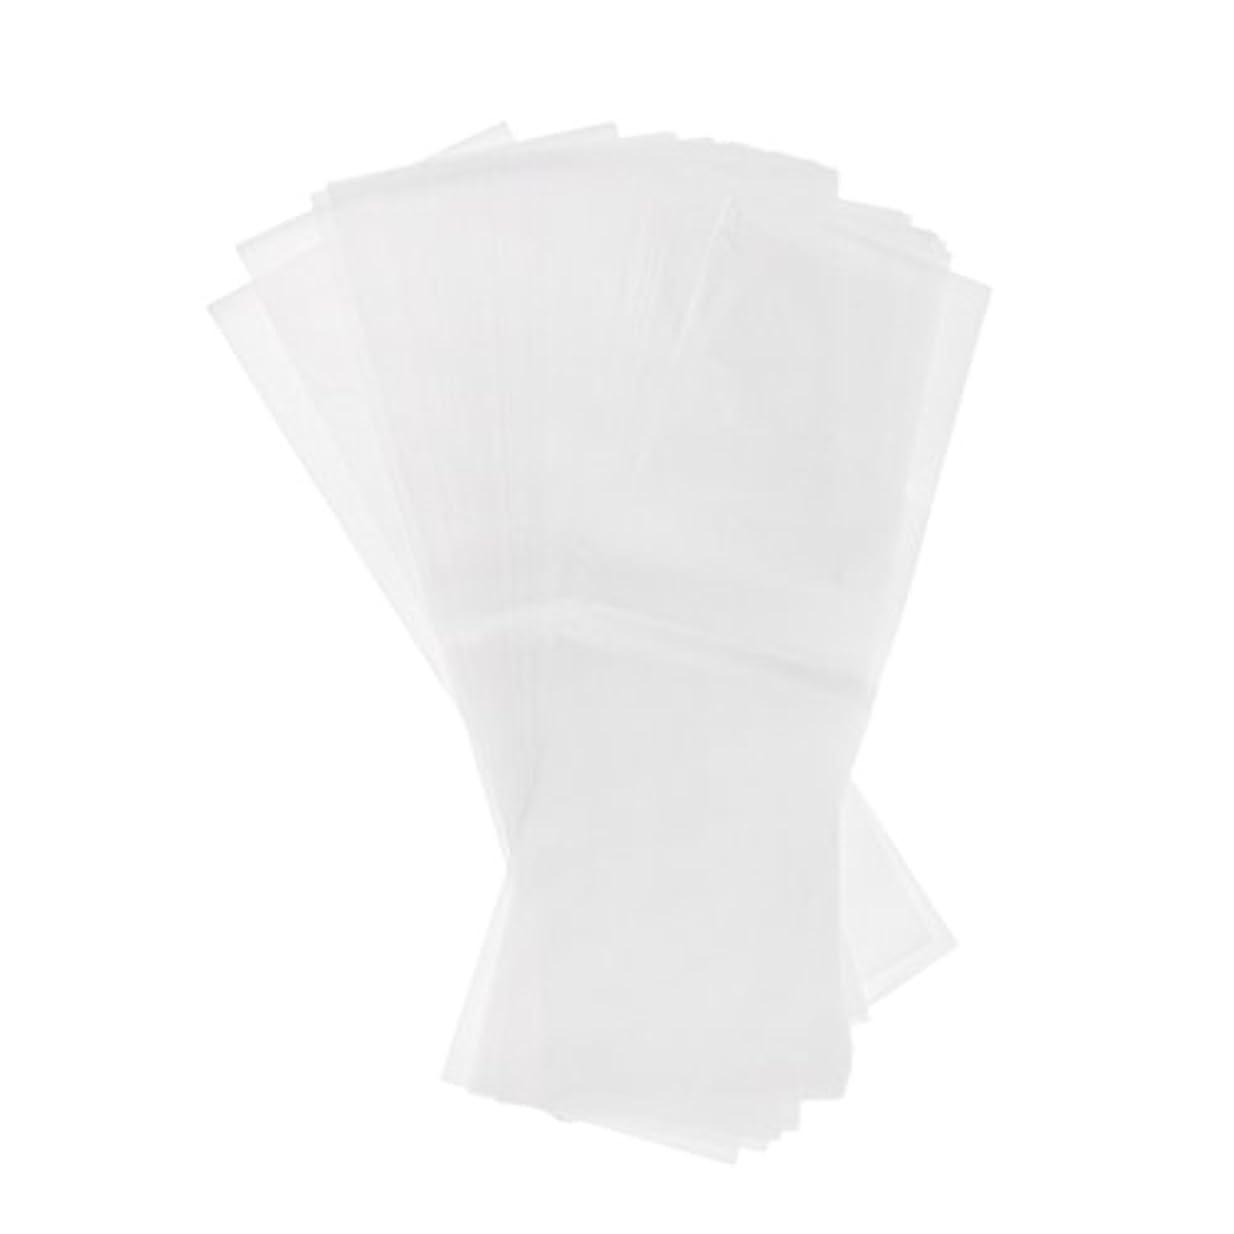 更新する哲学博士インポート約100個 毛染め サロン プラスチック 染毛紙 色のハイライト 分離シート 再利用可能